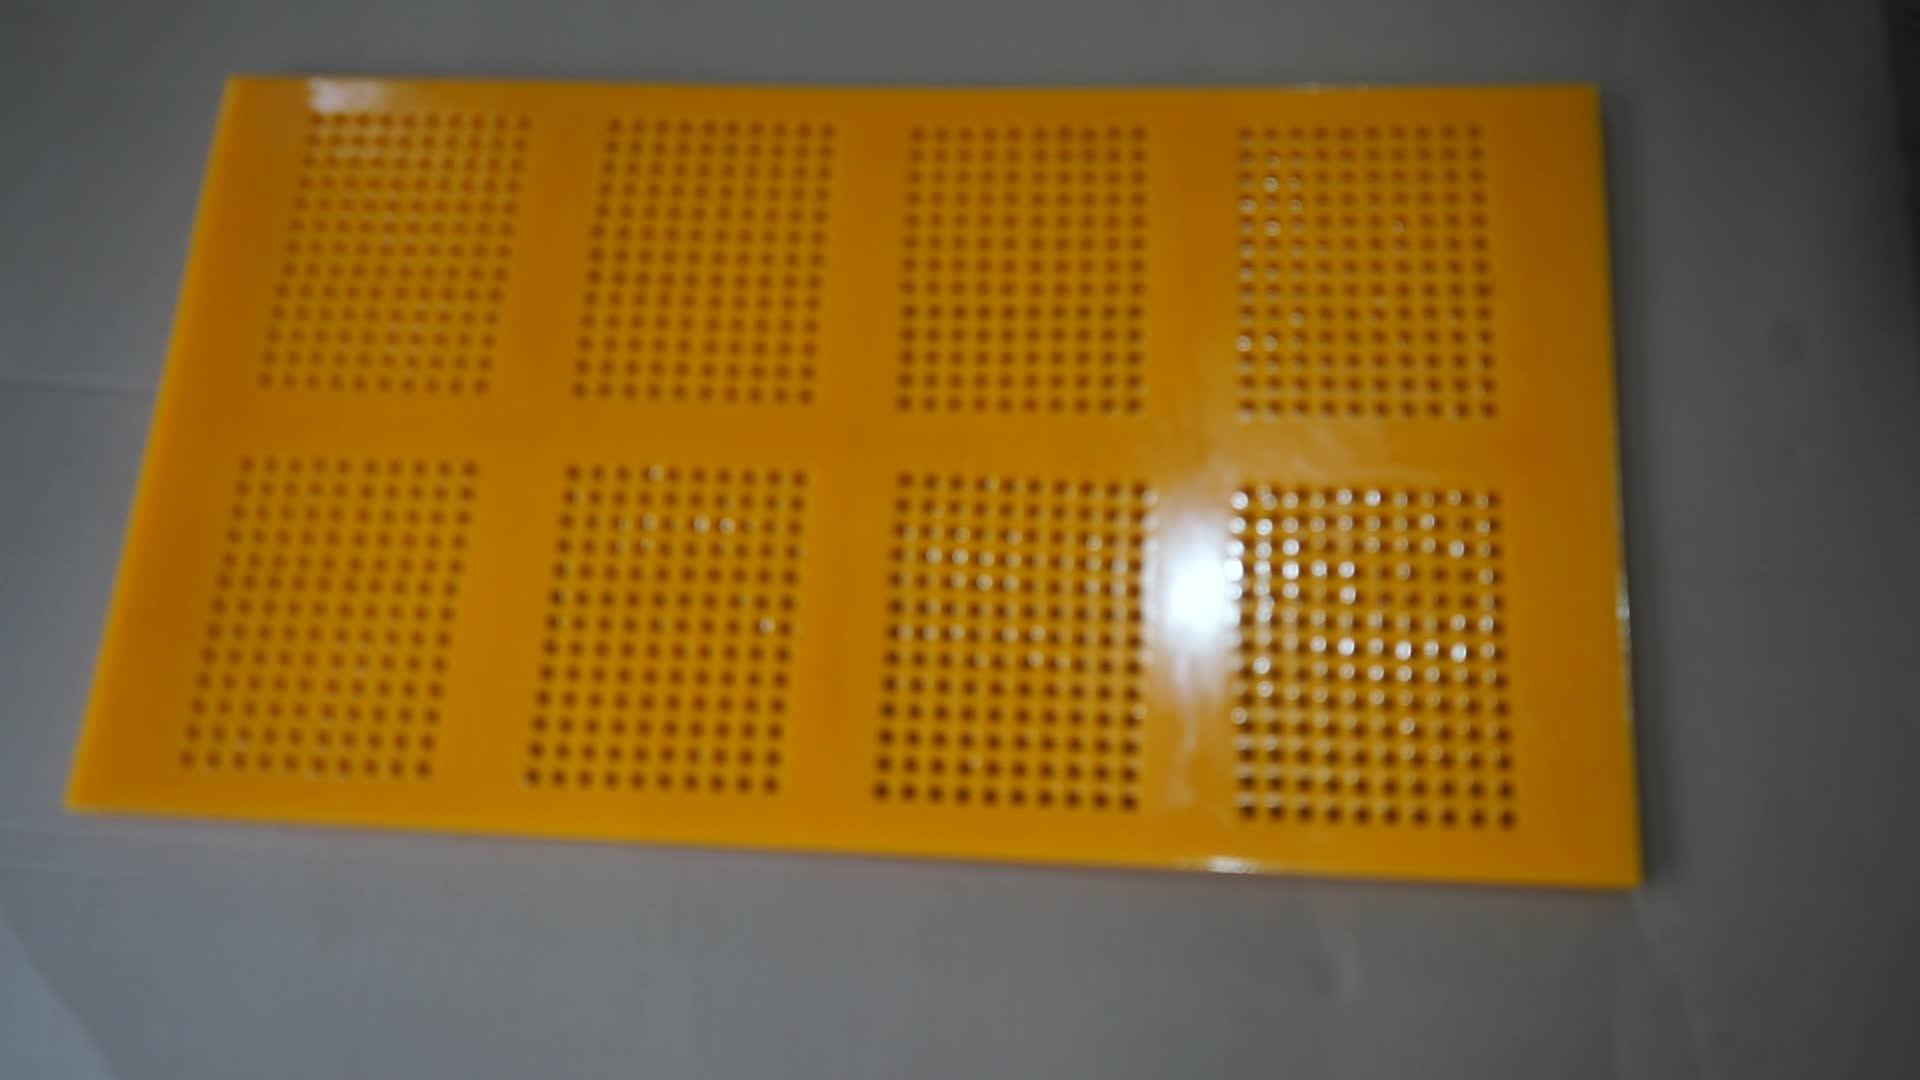 탈수 폴리 우레탄 진동 체 탈수 좋은 품질 pu 메쉬 스크린 폴리 우레탄 메쉬 체 폴리우레탄 체판